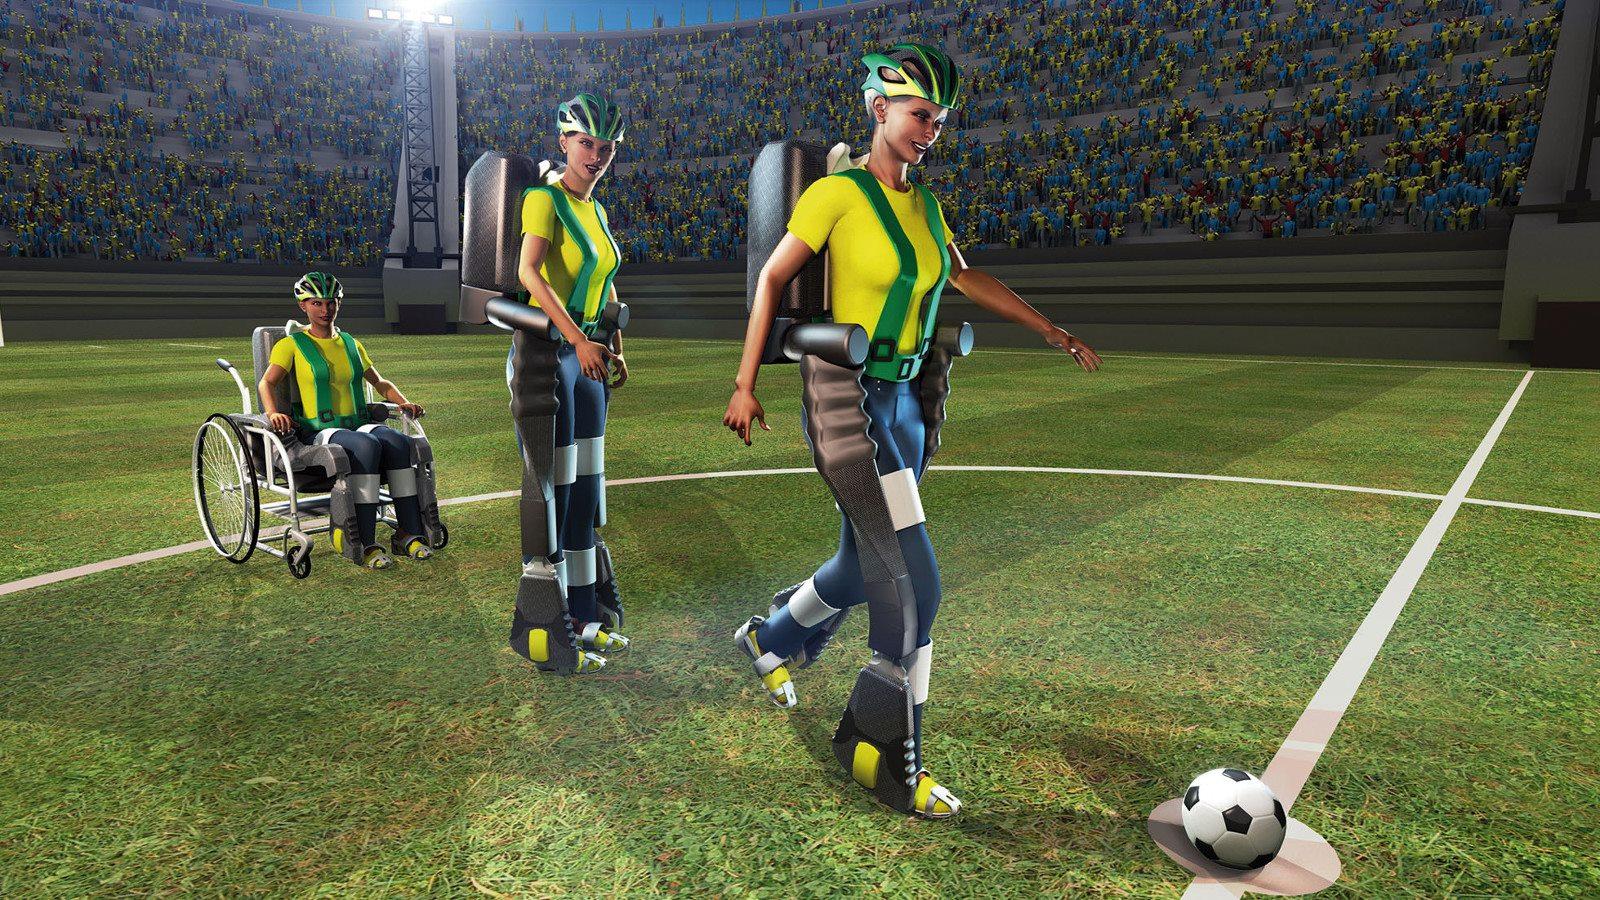 Mondiali: Calcio d'inizio affidato ad un giovane disabile